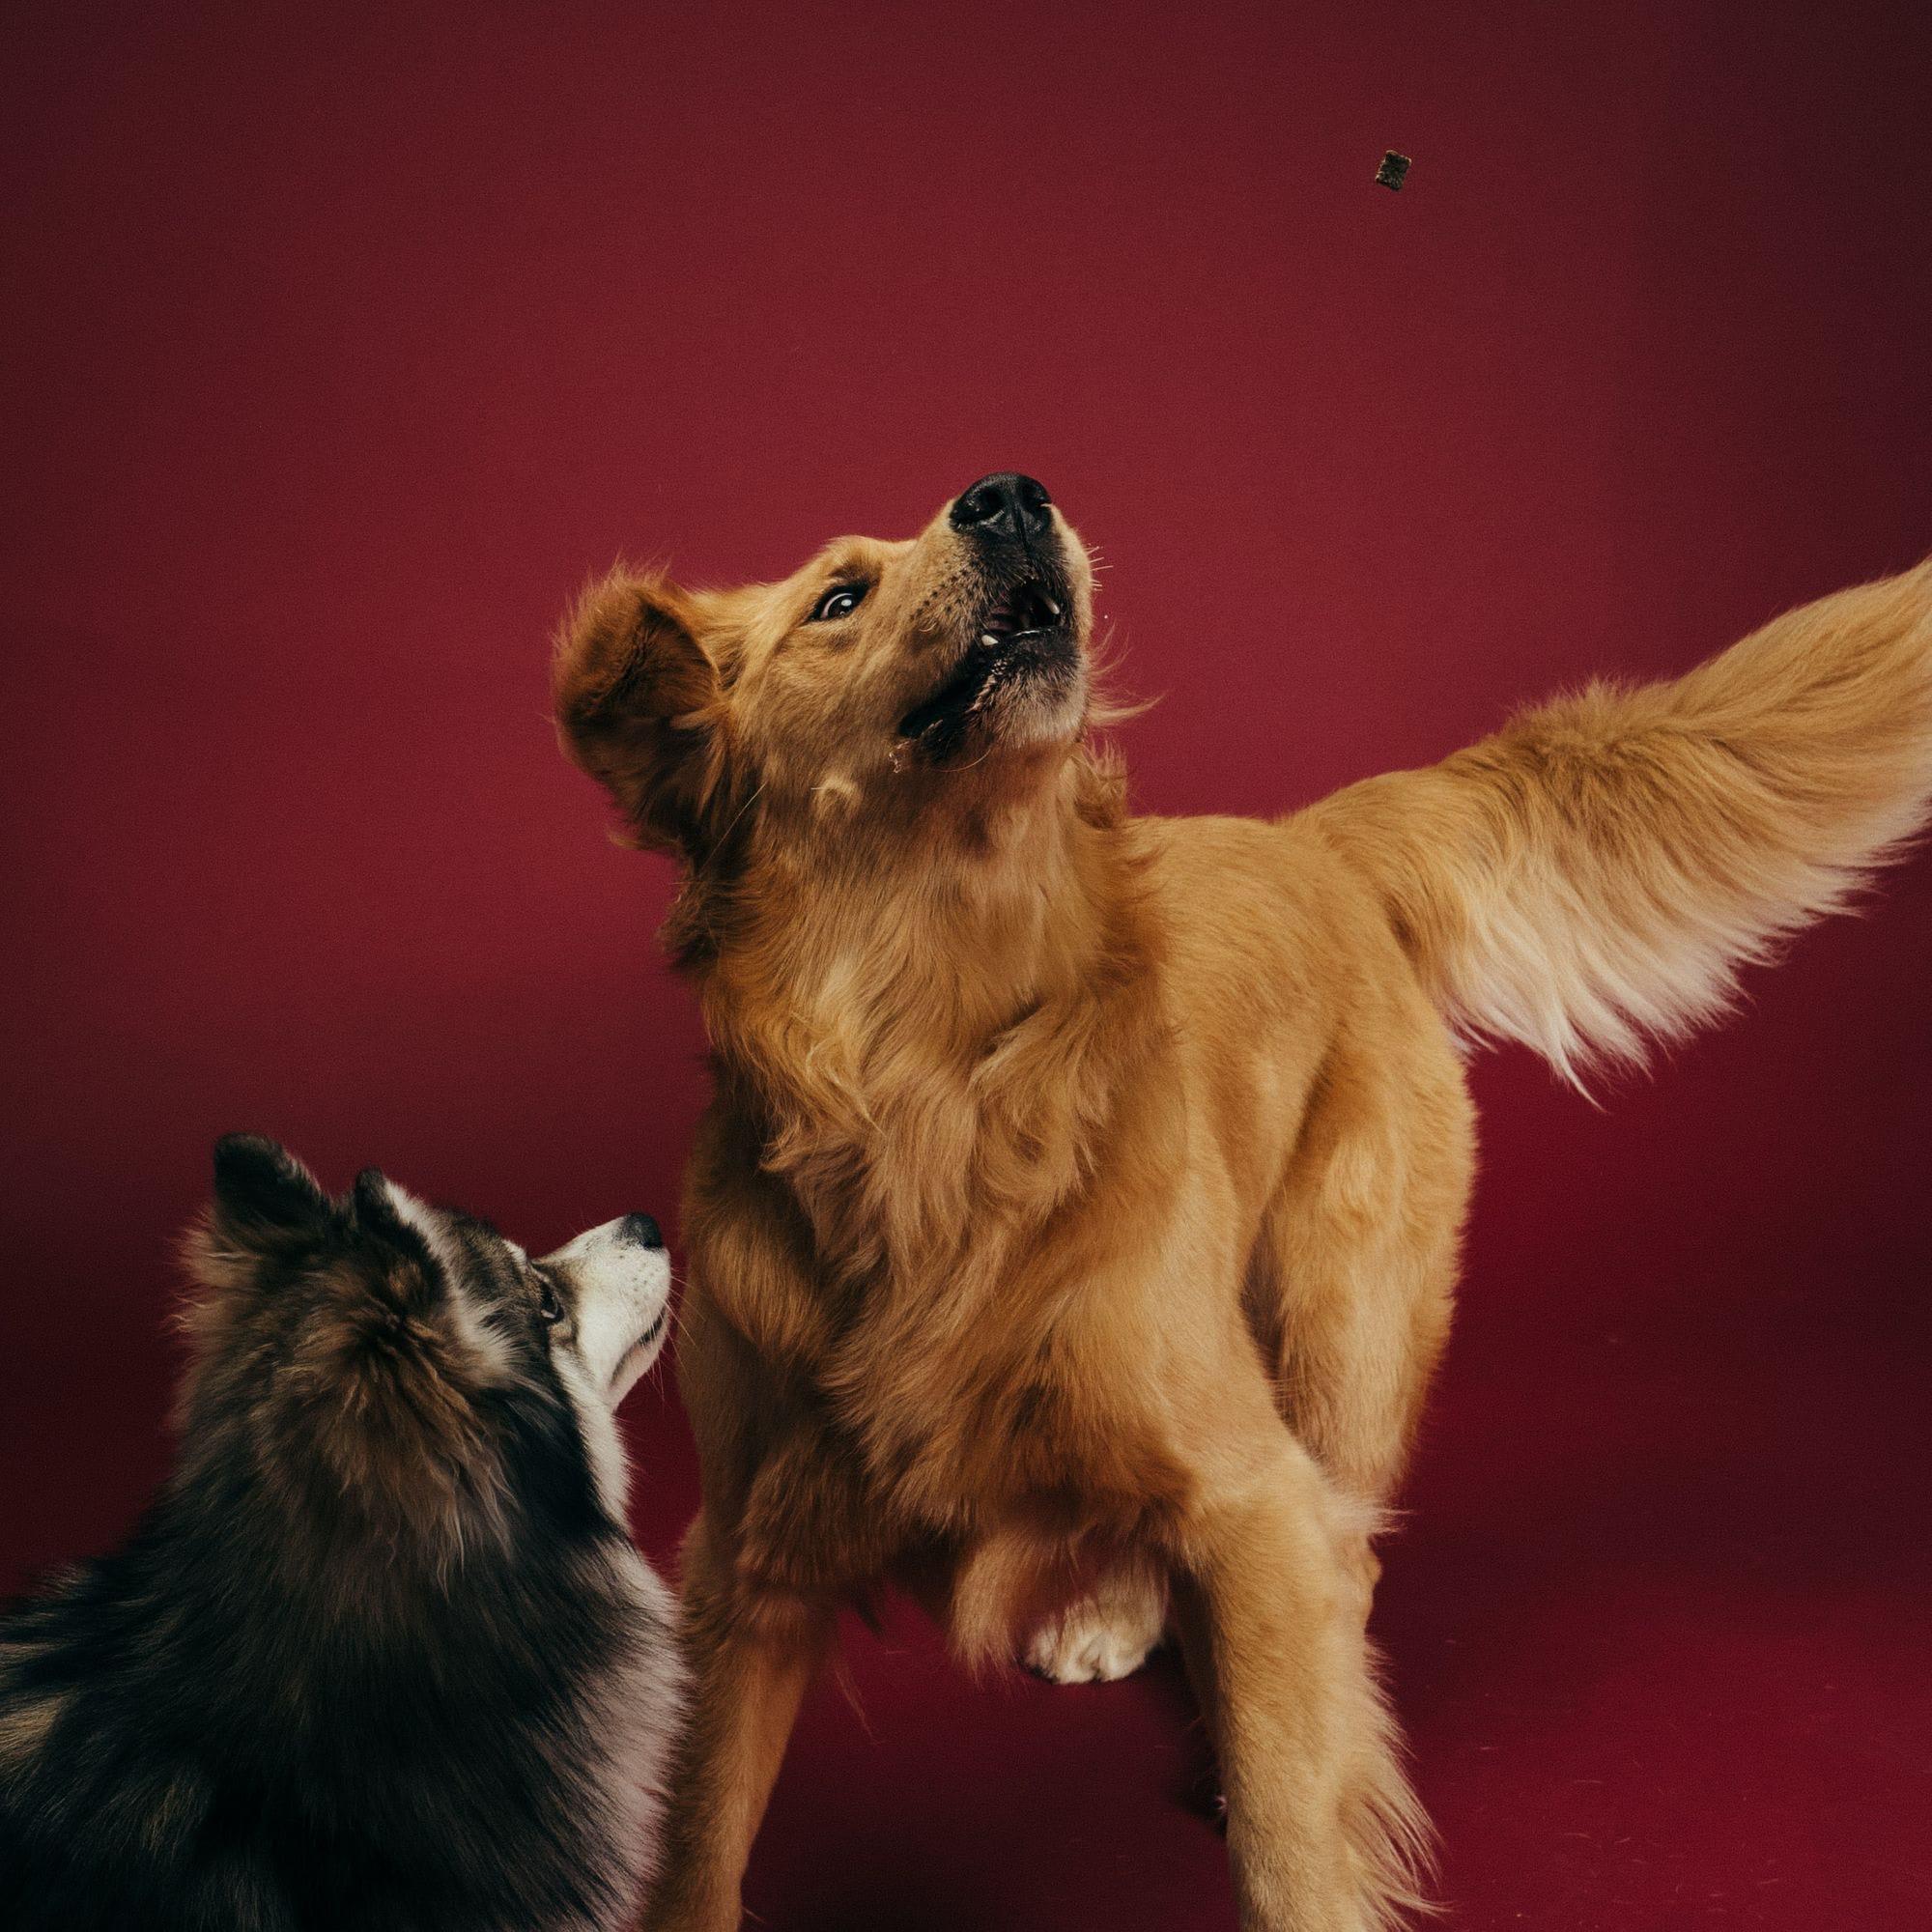 omg a dog treat!